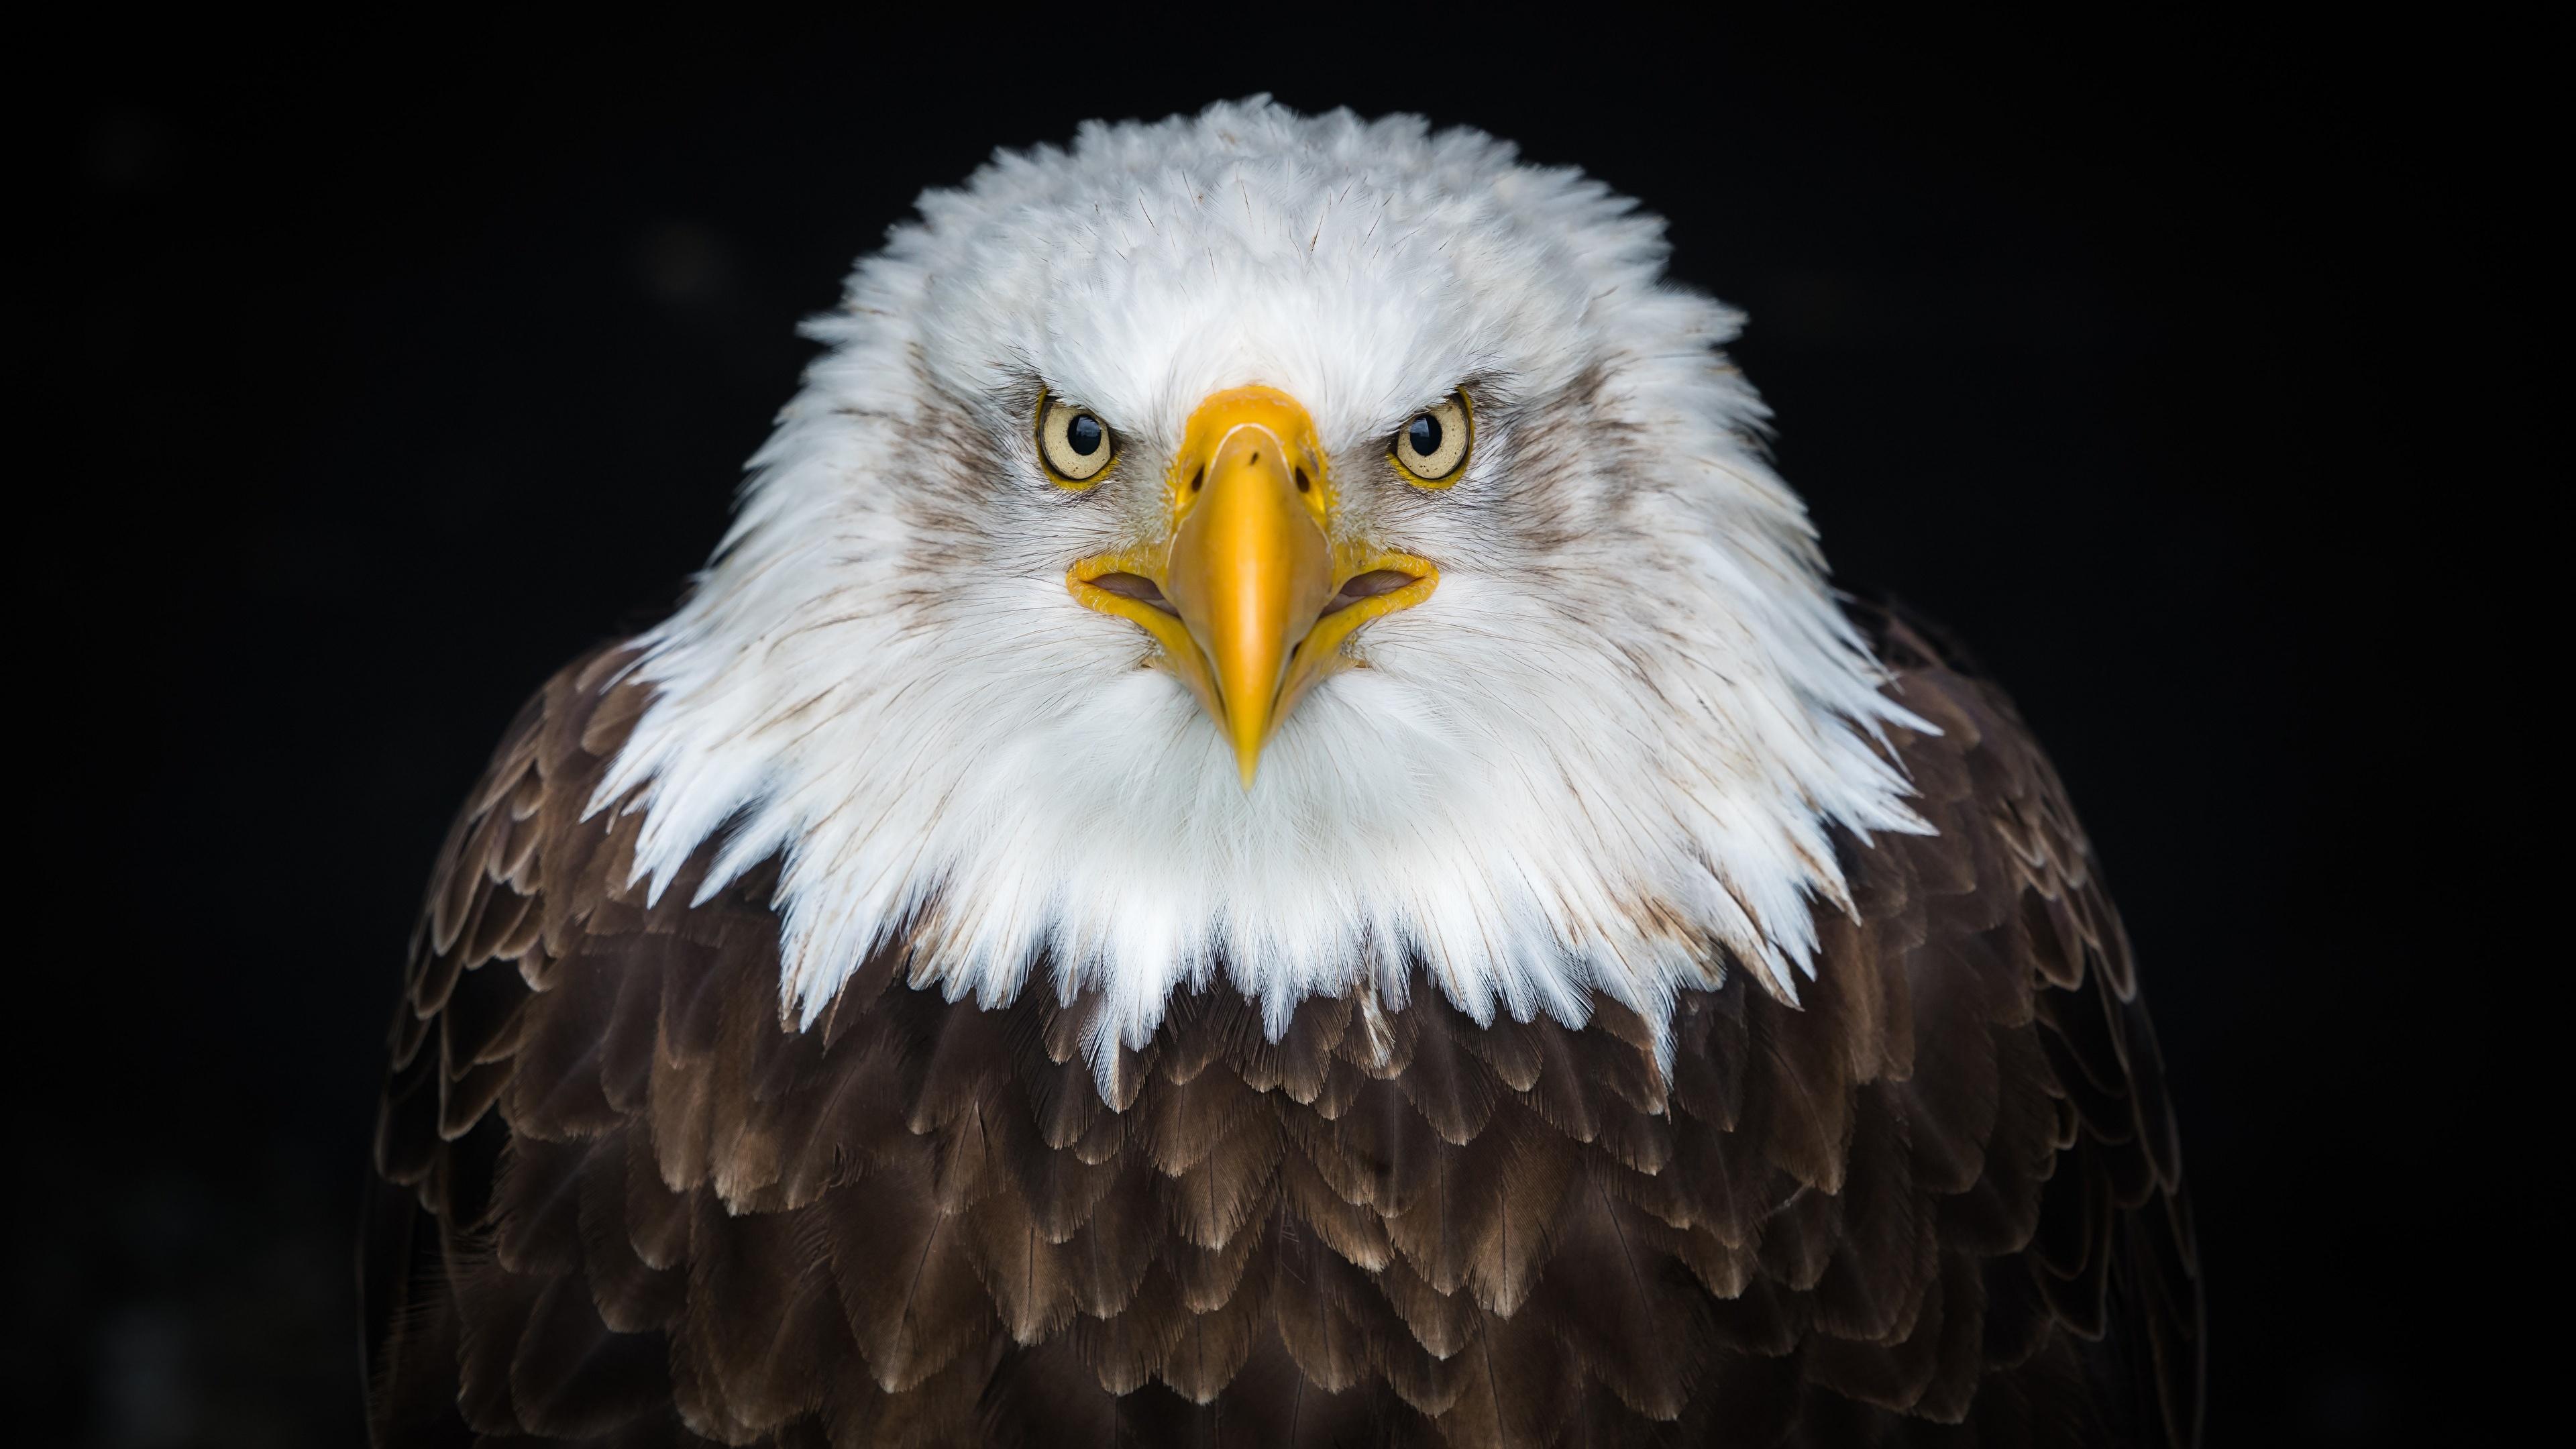 Обои для рабочего стола орел Недовольство Клюв смотрят животное на черном фоне 3840x2160 Орлы Хмурость Взгляд смотрит Животные Черный фон